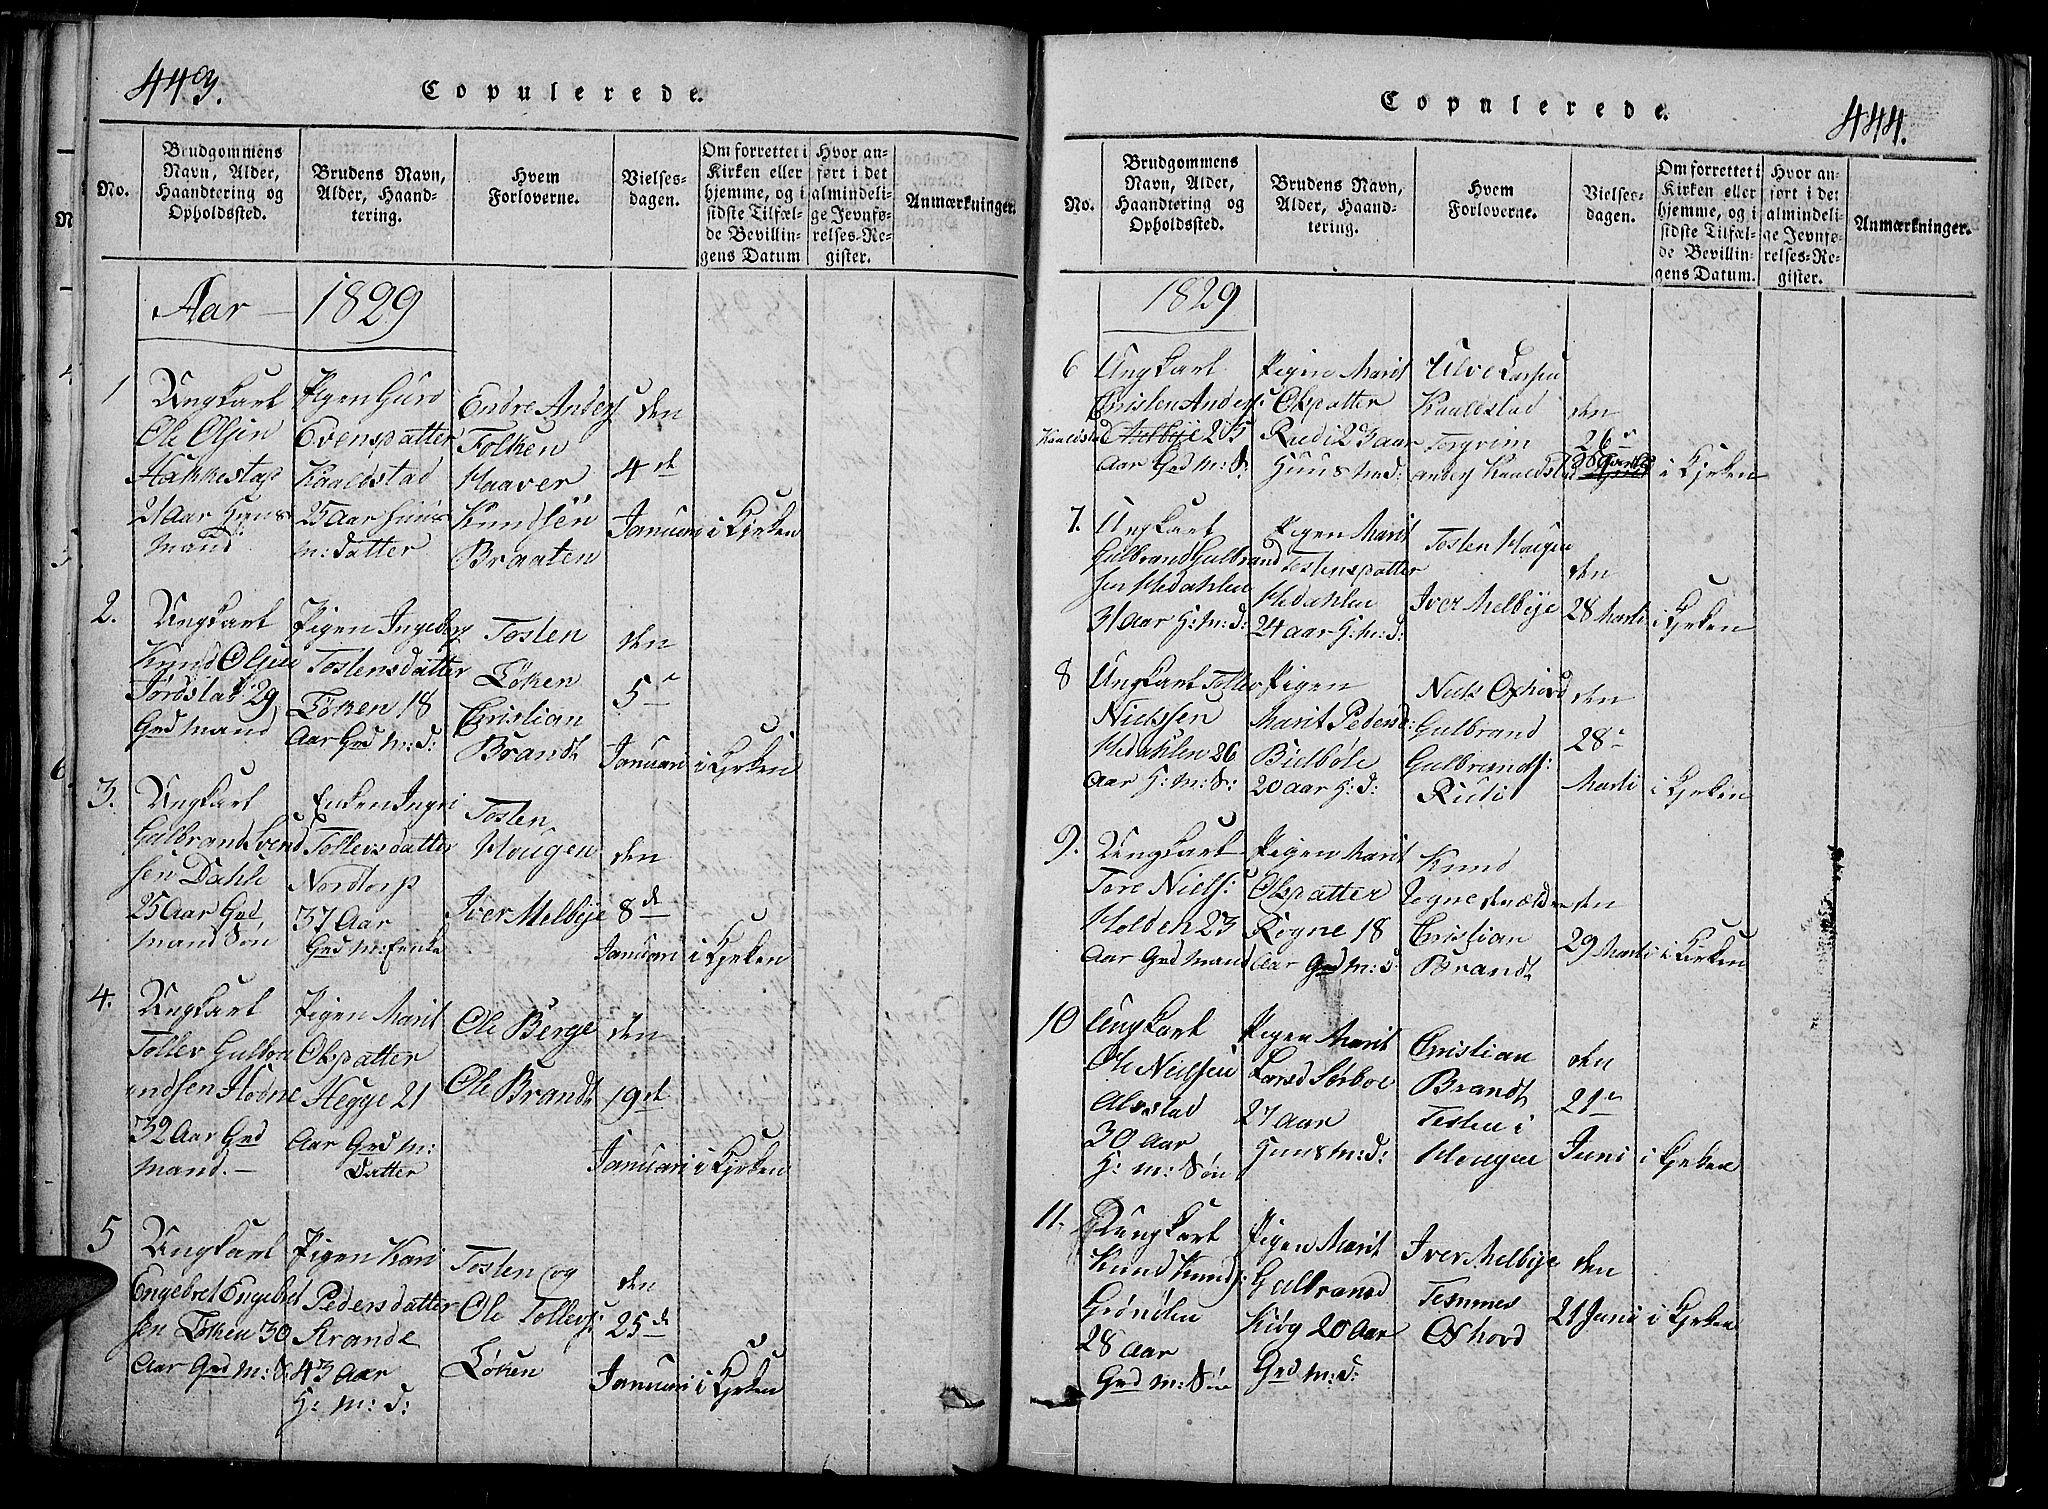 SAH, Slidre prestekontor, Klokkerbok nr. 2, 1814-1839, s. 443a-444a